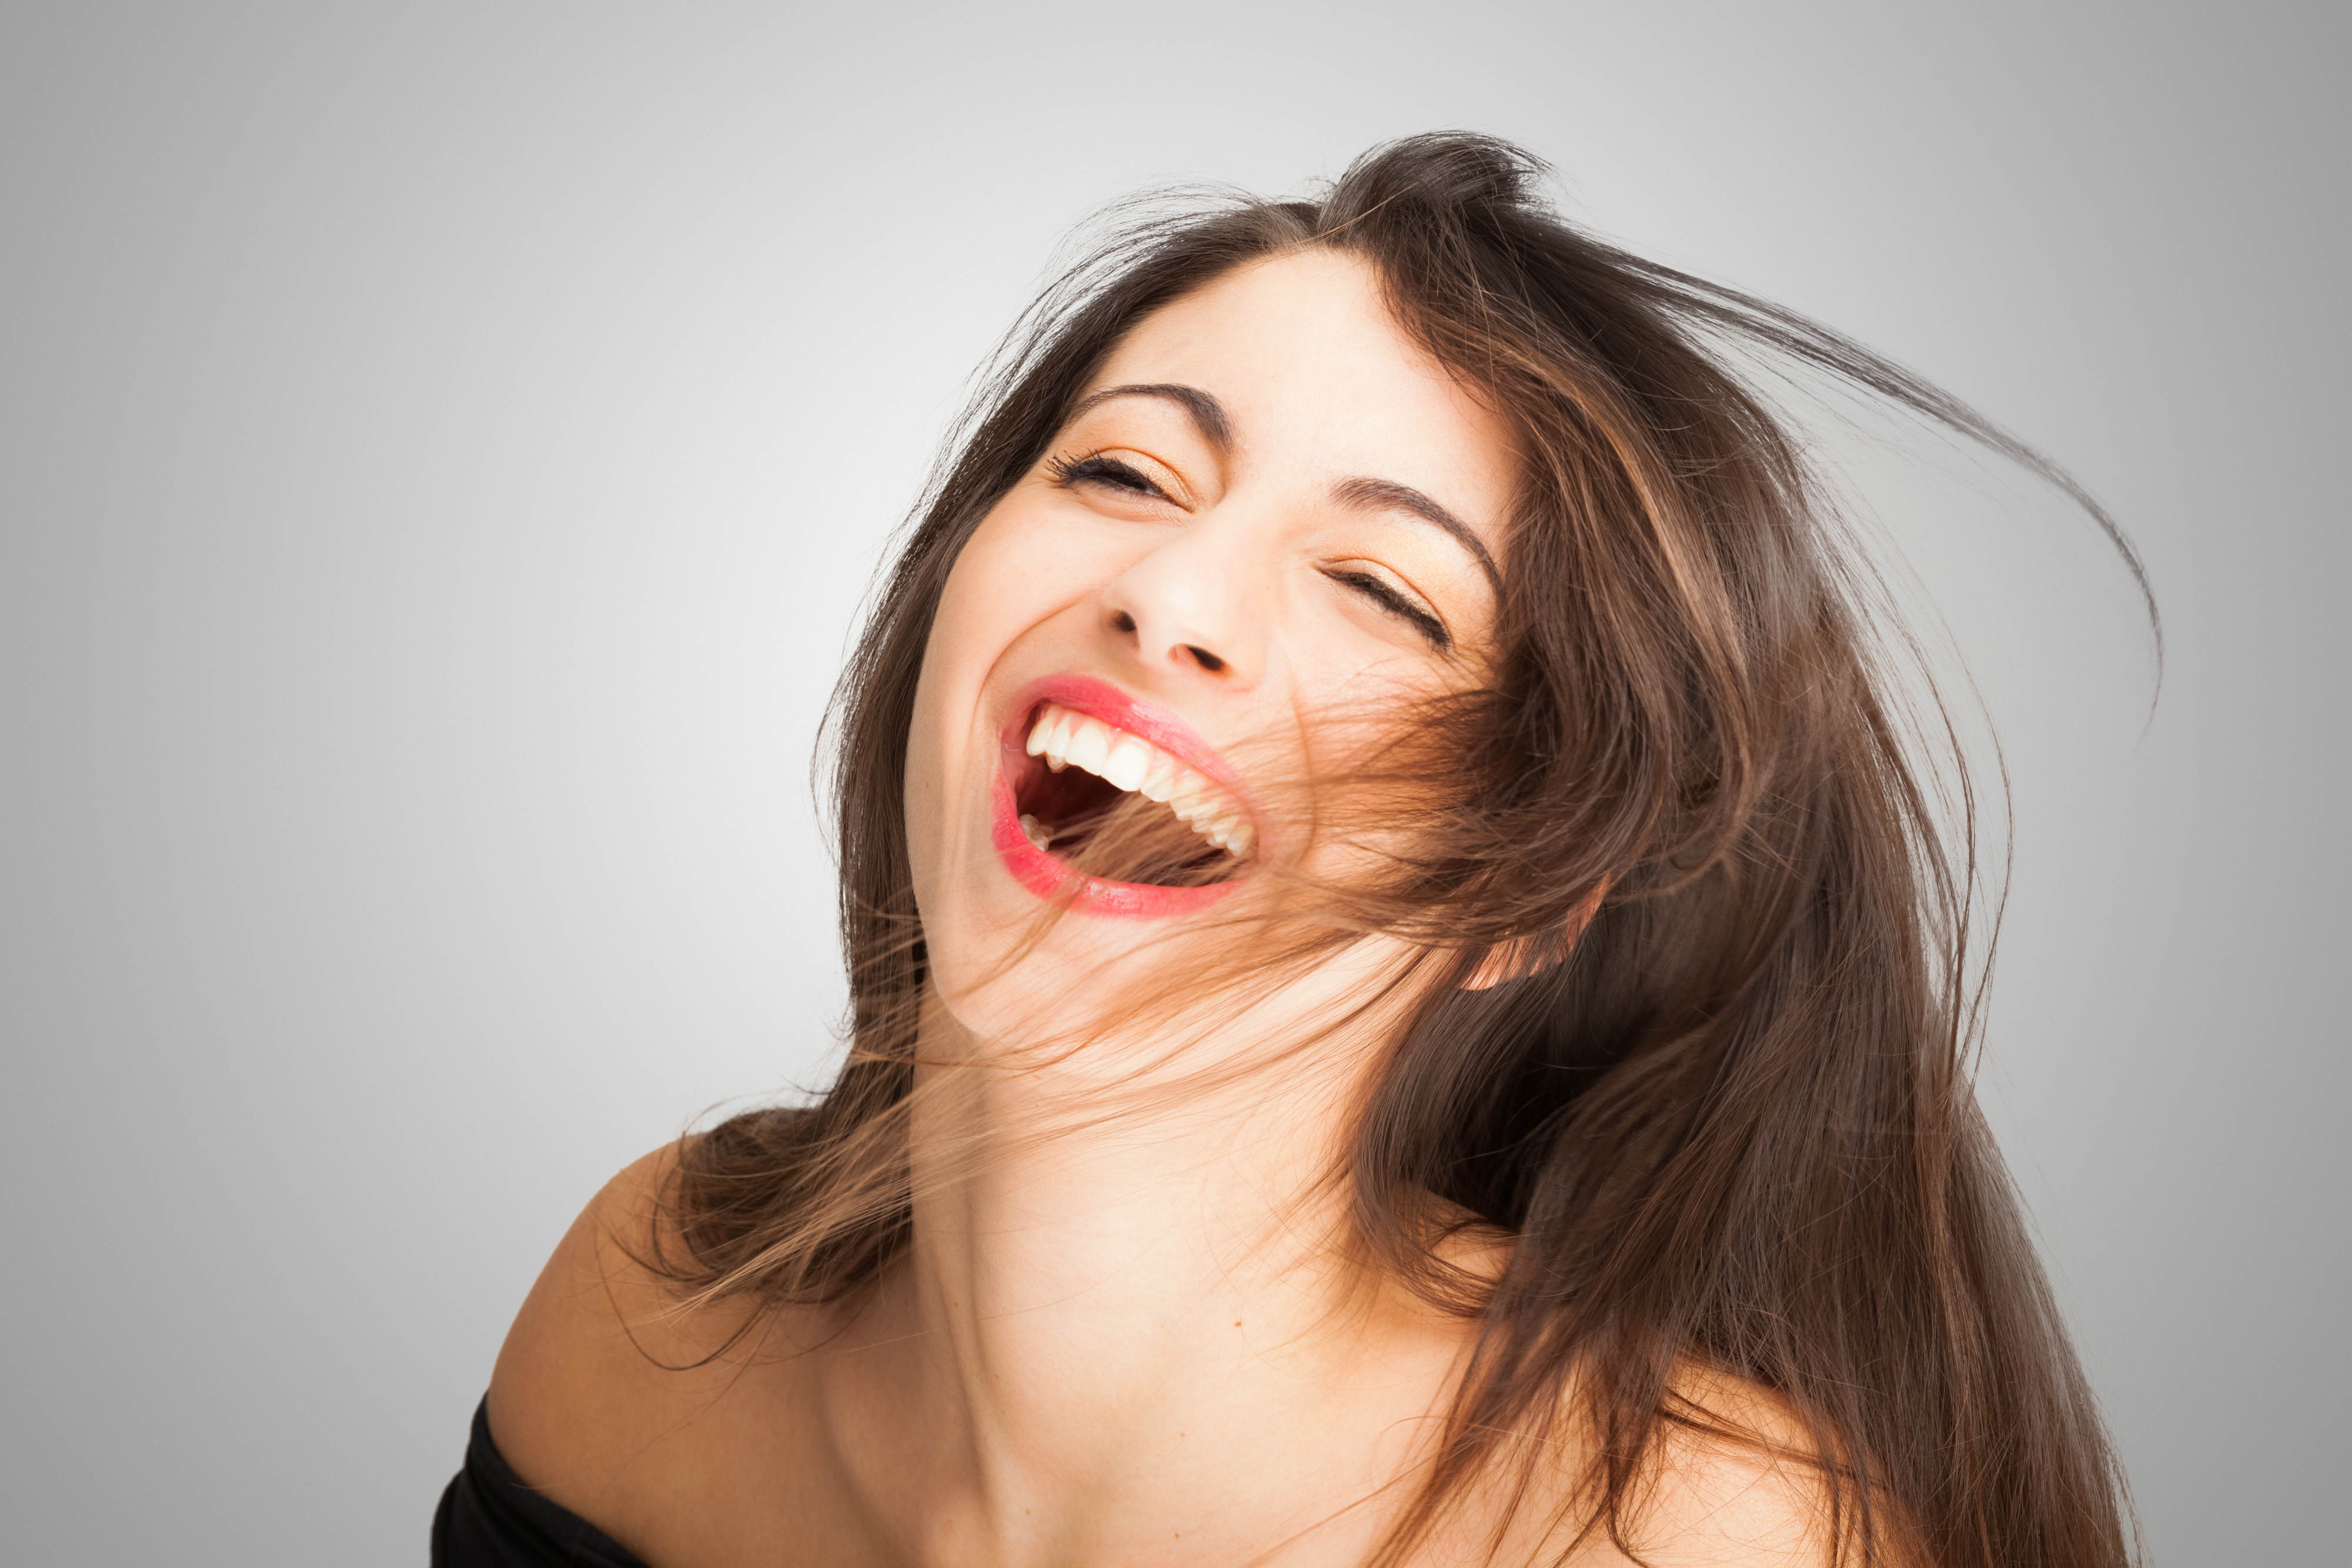 они созданы смех для жизни фото бесплатно любой